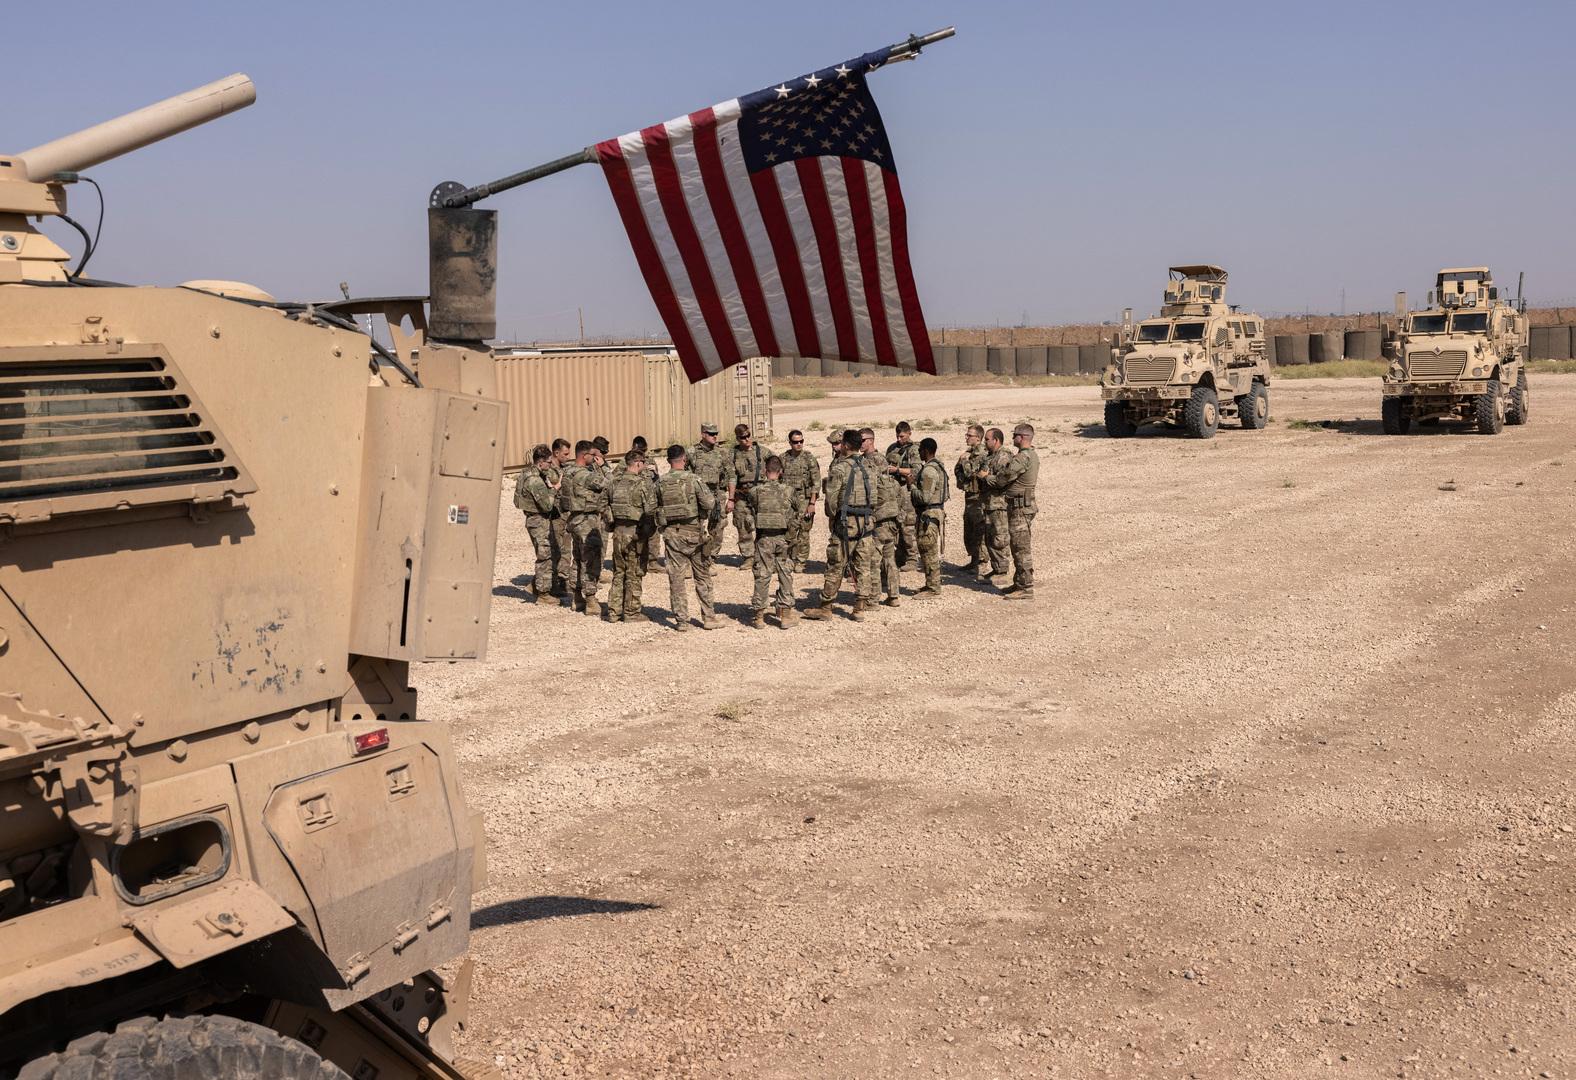 متحدث عسكري أمريكي: قواتنا في سوريا تعرضت لهجوم بعدة صواريخ دون وقوع إصابات أو أضرار